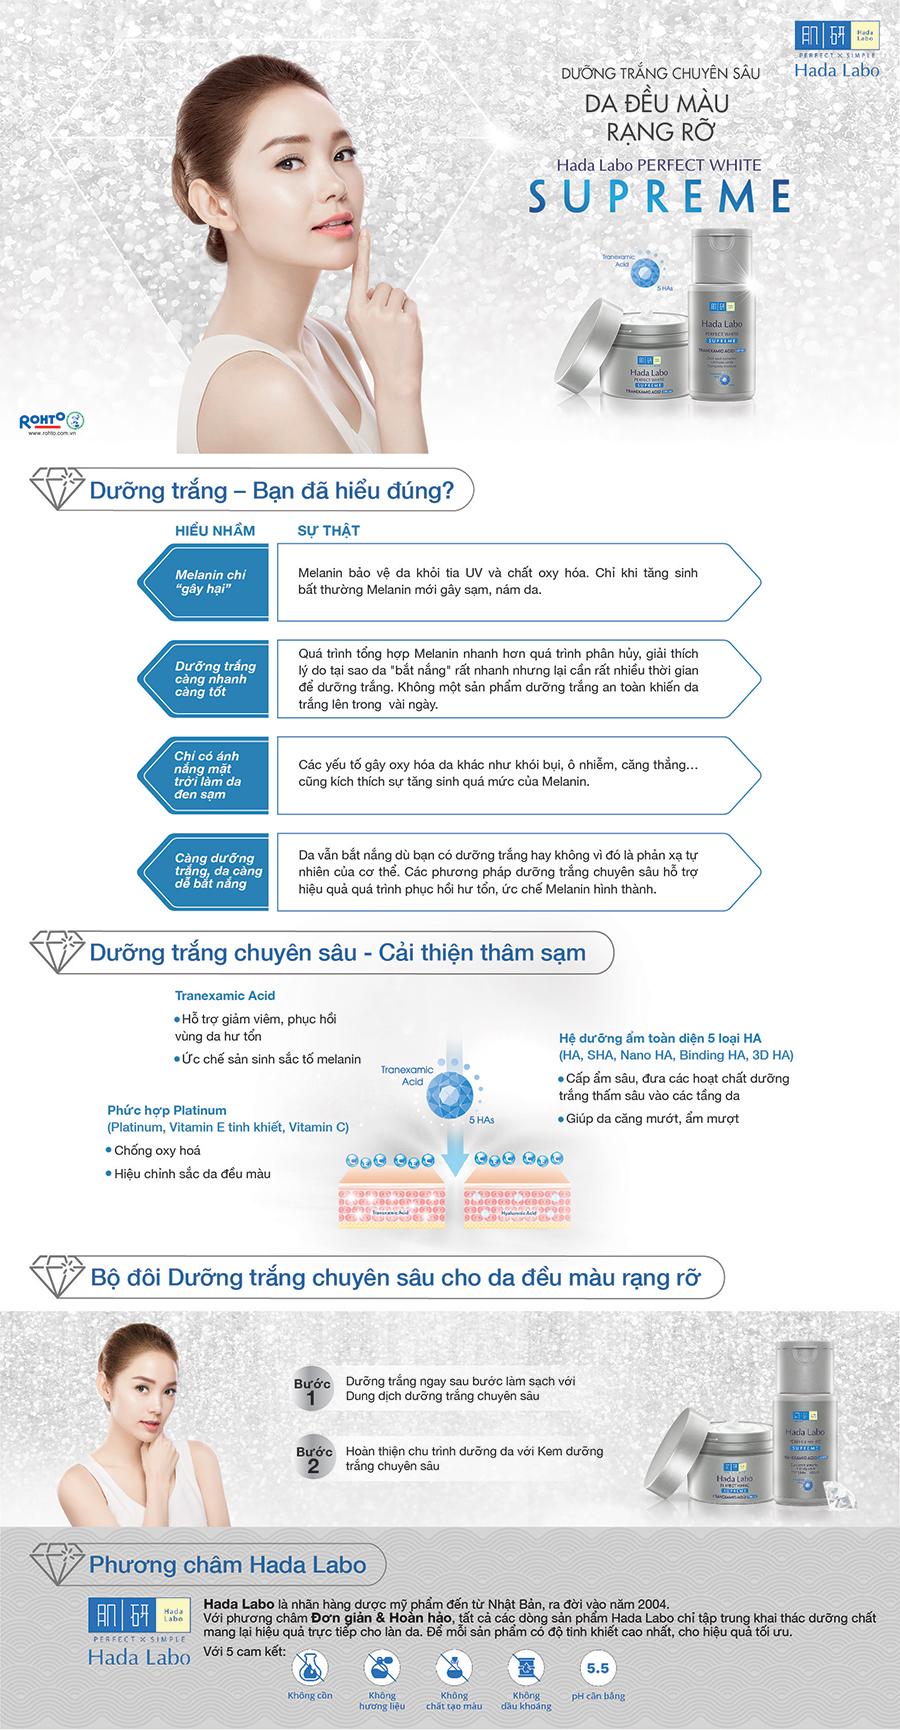 Dung dịch dưỡng trắng toàn diện Hada Labo Perfect White Supreme Lotion ( 100ml) + Tặng Ví cầm tay | Tiki.vn